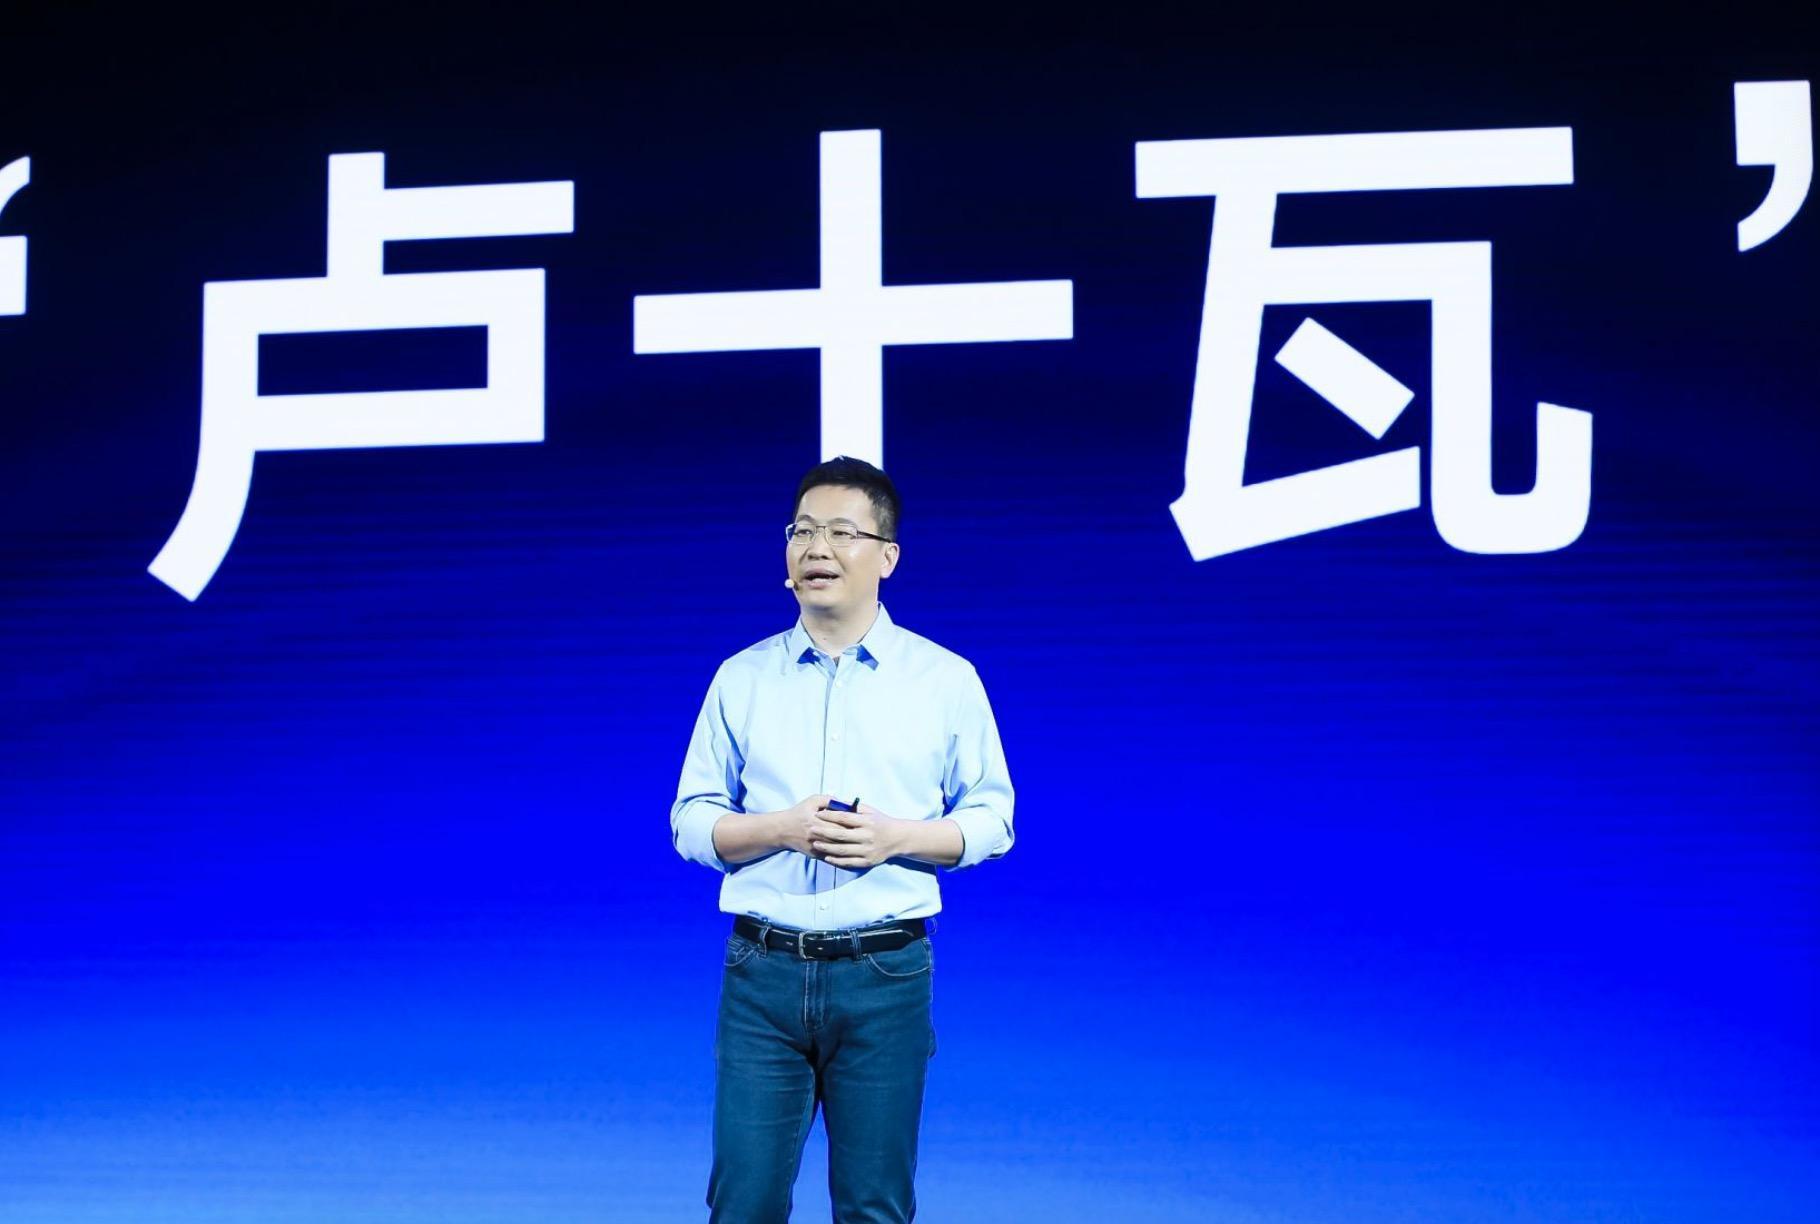 蚂蚁集团拟向员工提供零息贷款 以提振士气;《财富》发布2021年中国40岁以下商界精英榜单:张一鸣登